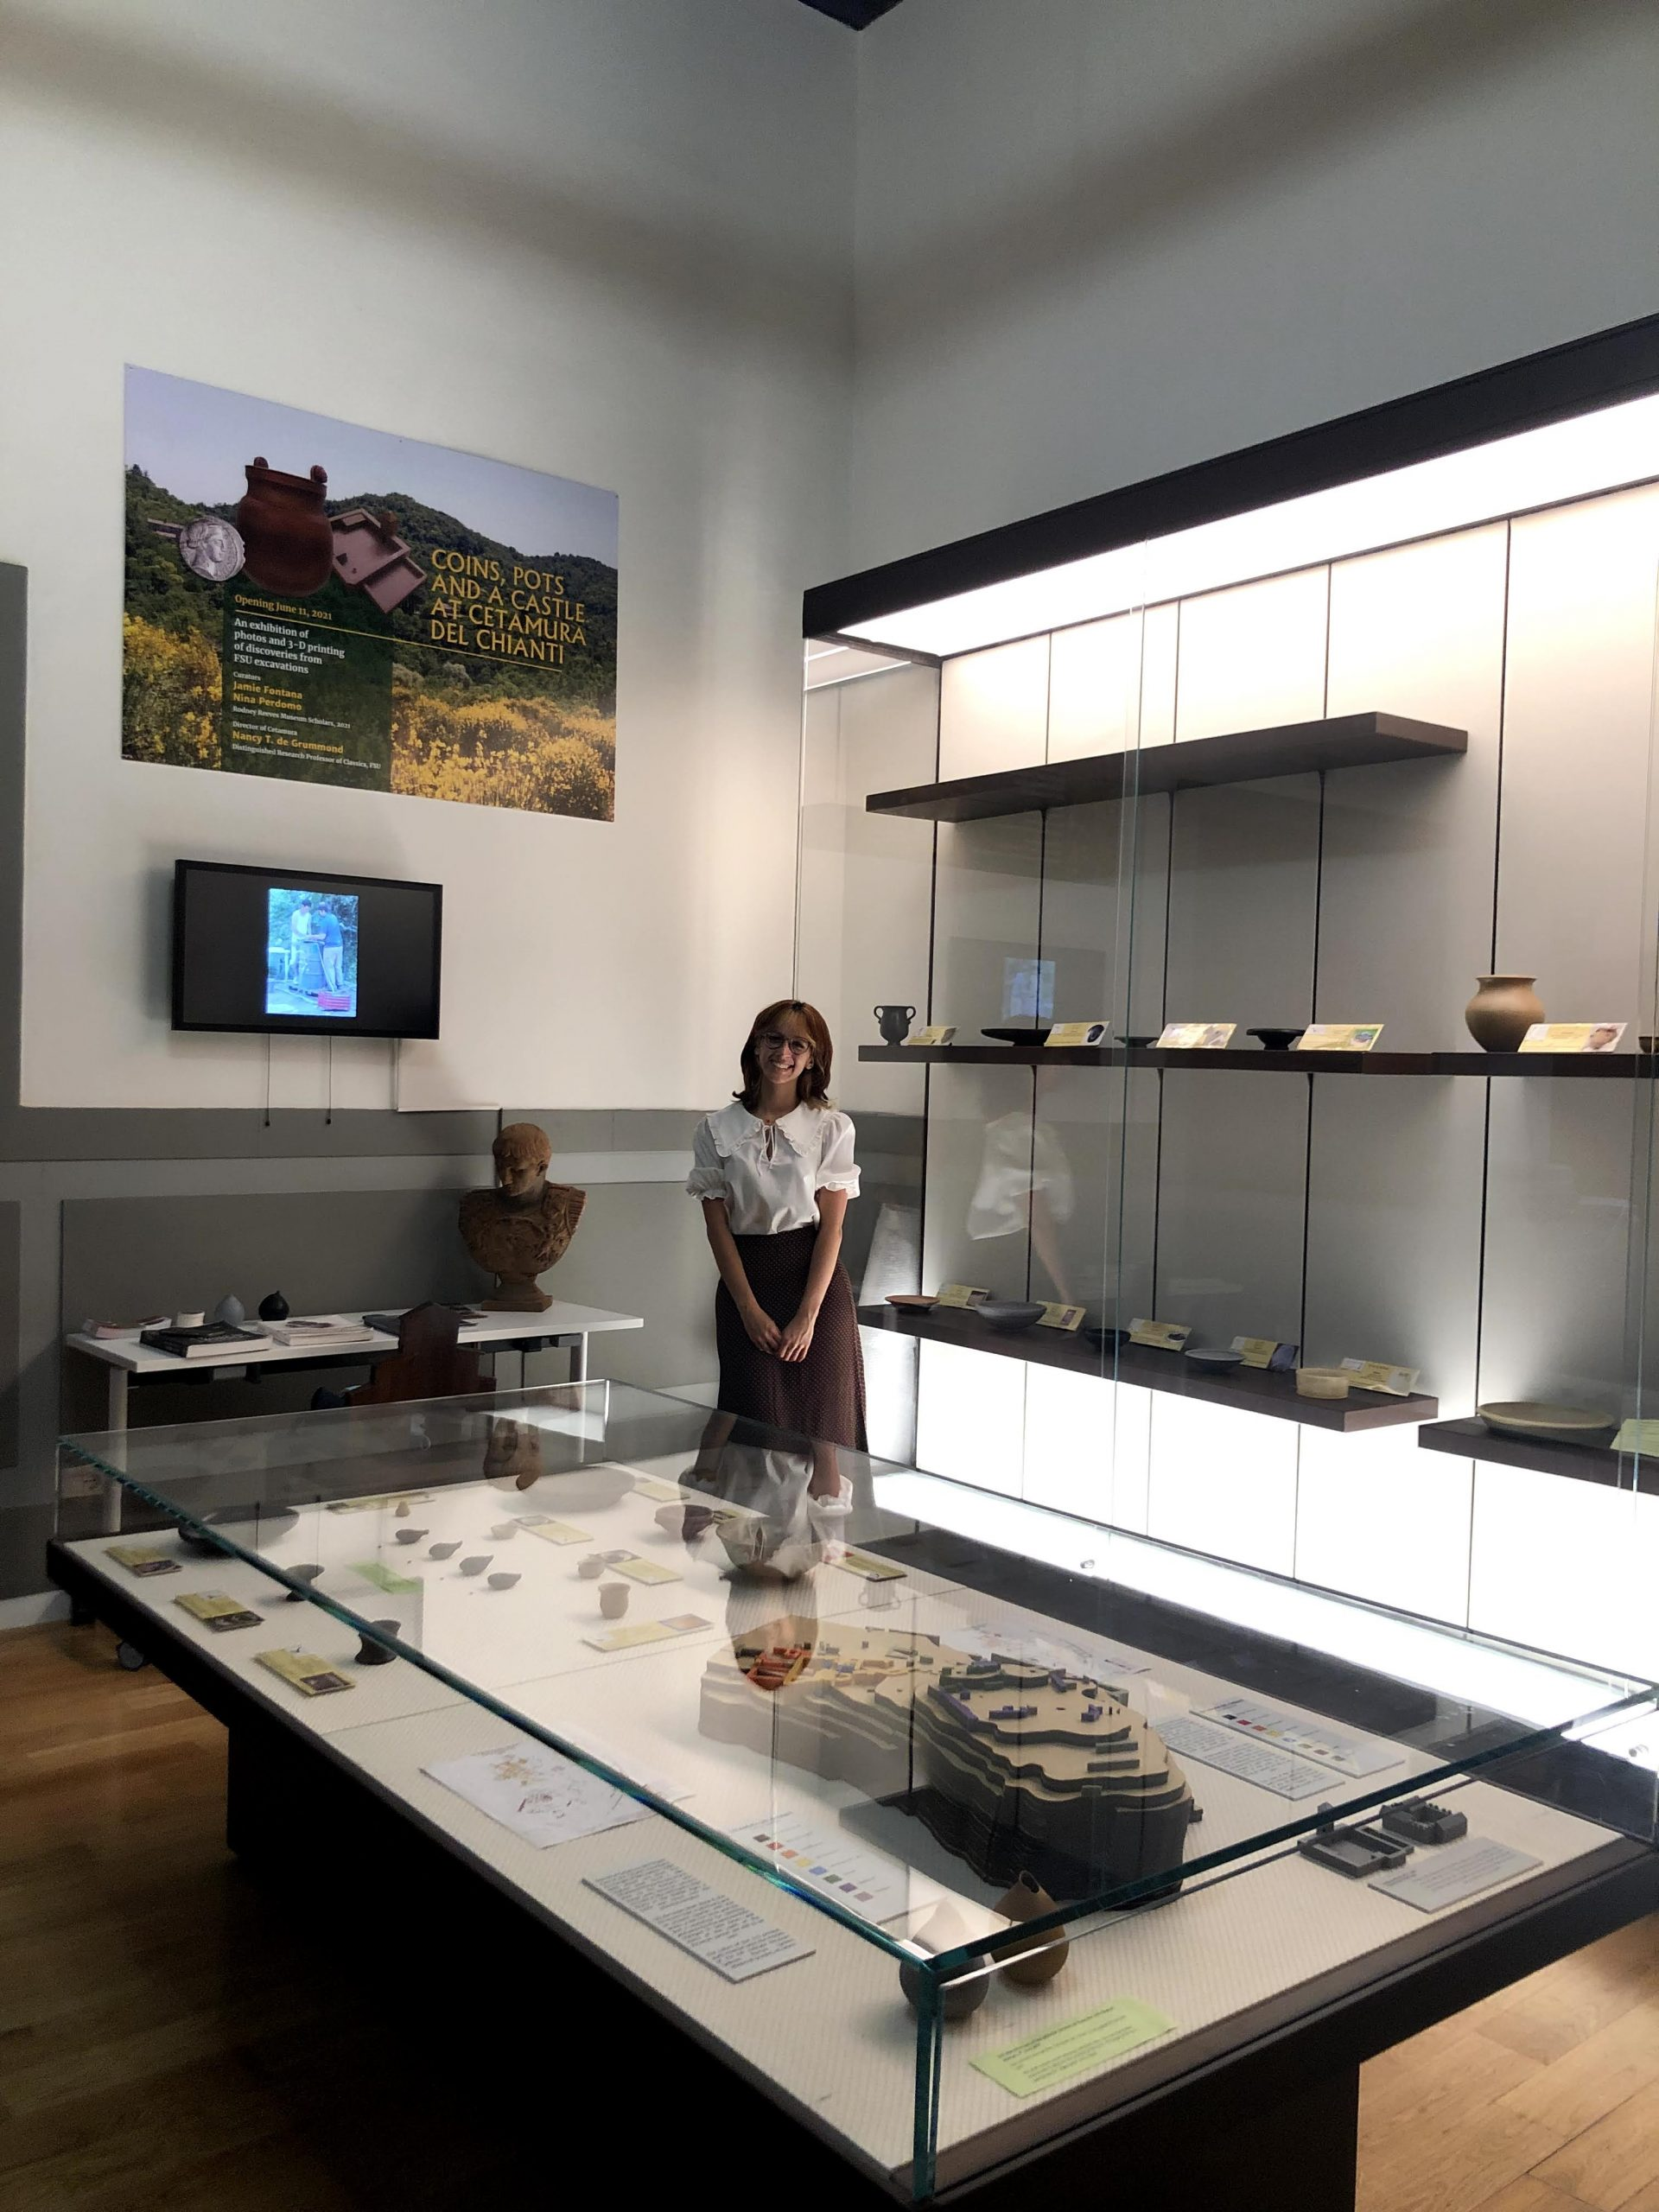 Student explains exhibition